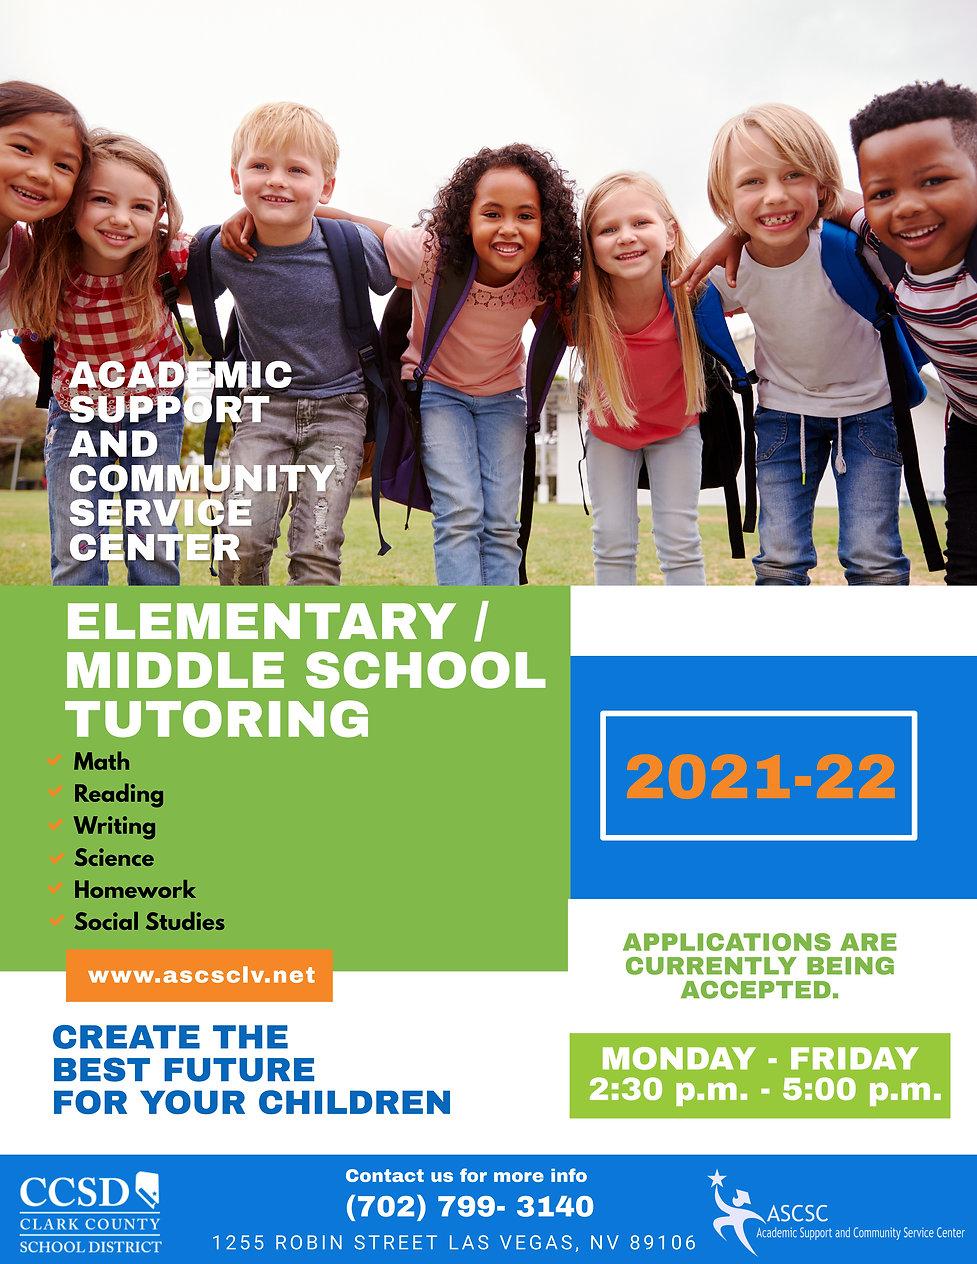 ASCSC ELEMENTARYMIDDLE SCHOOL Flyer 2019 (3).jpg